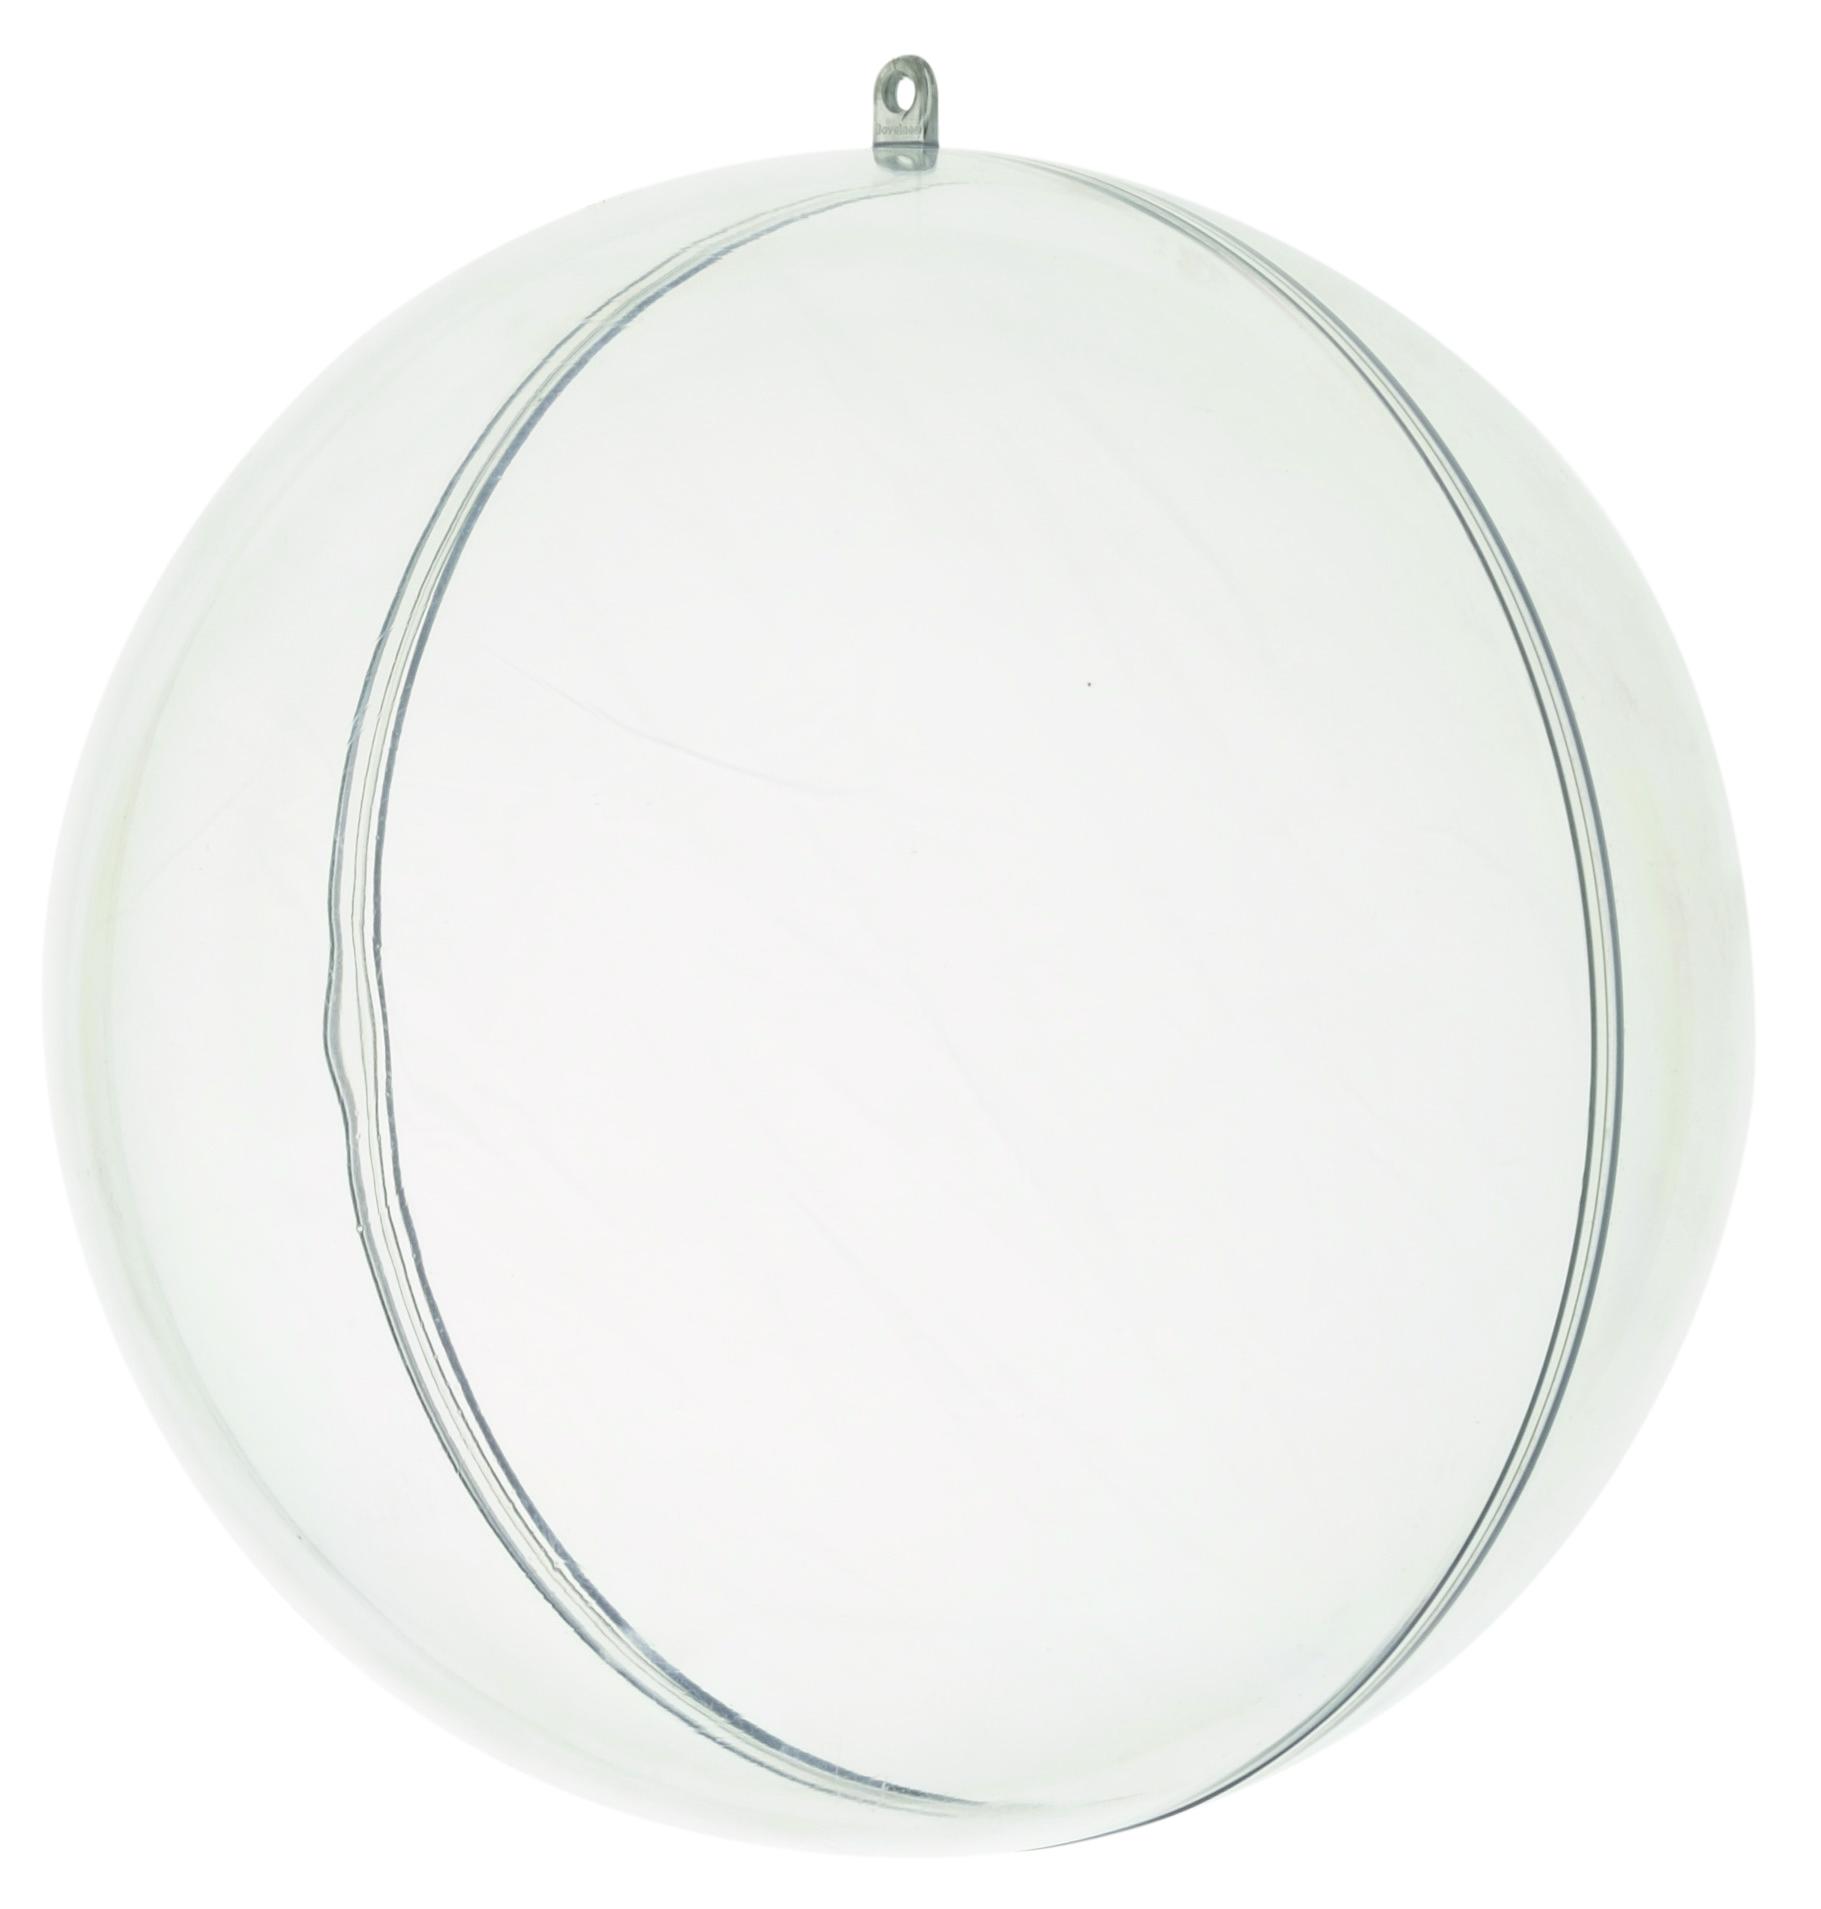 Boule de d coration transparente achat de decoration - Boule gonflable transparente ...